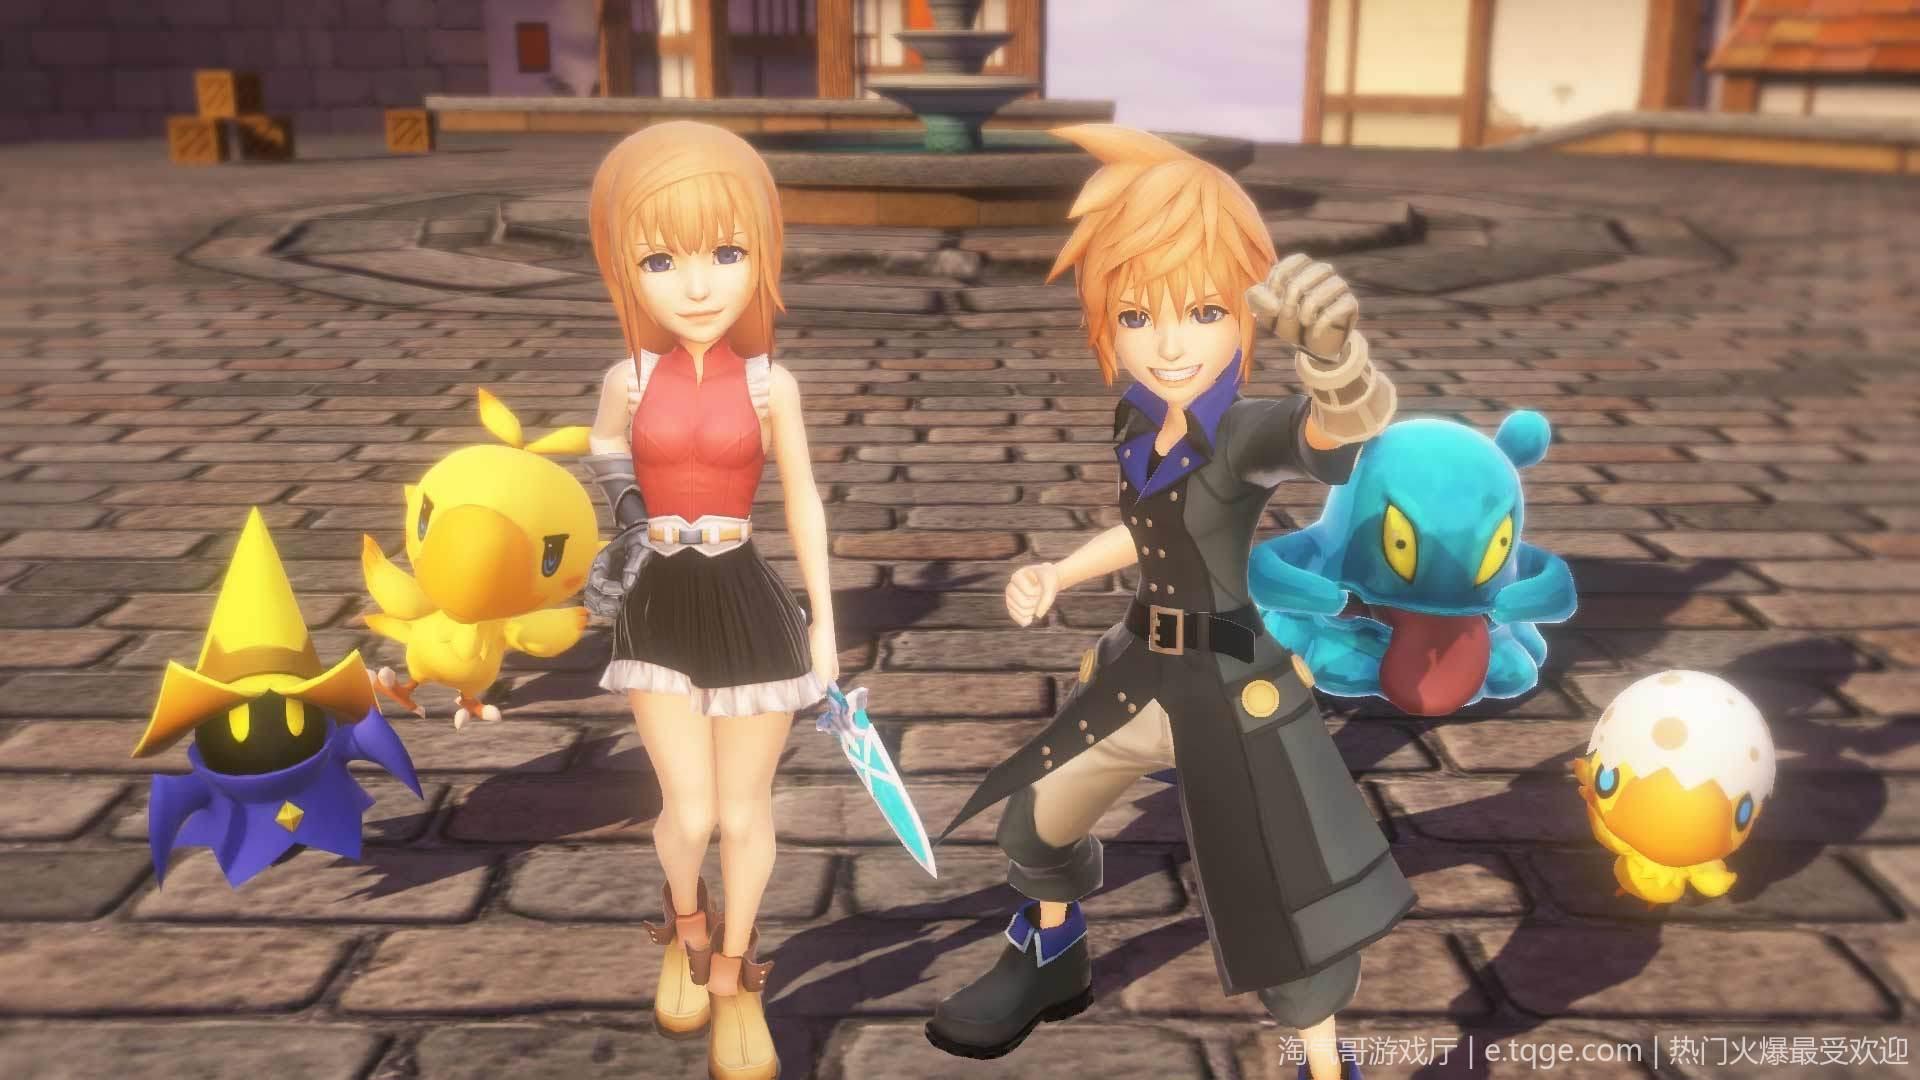 最终幻想 世界 角色扮演 第5张